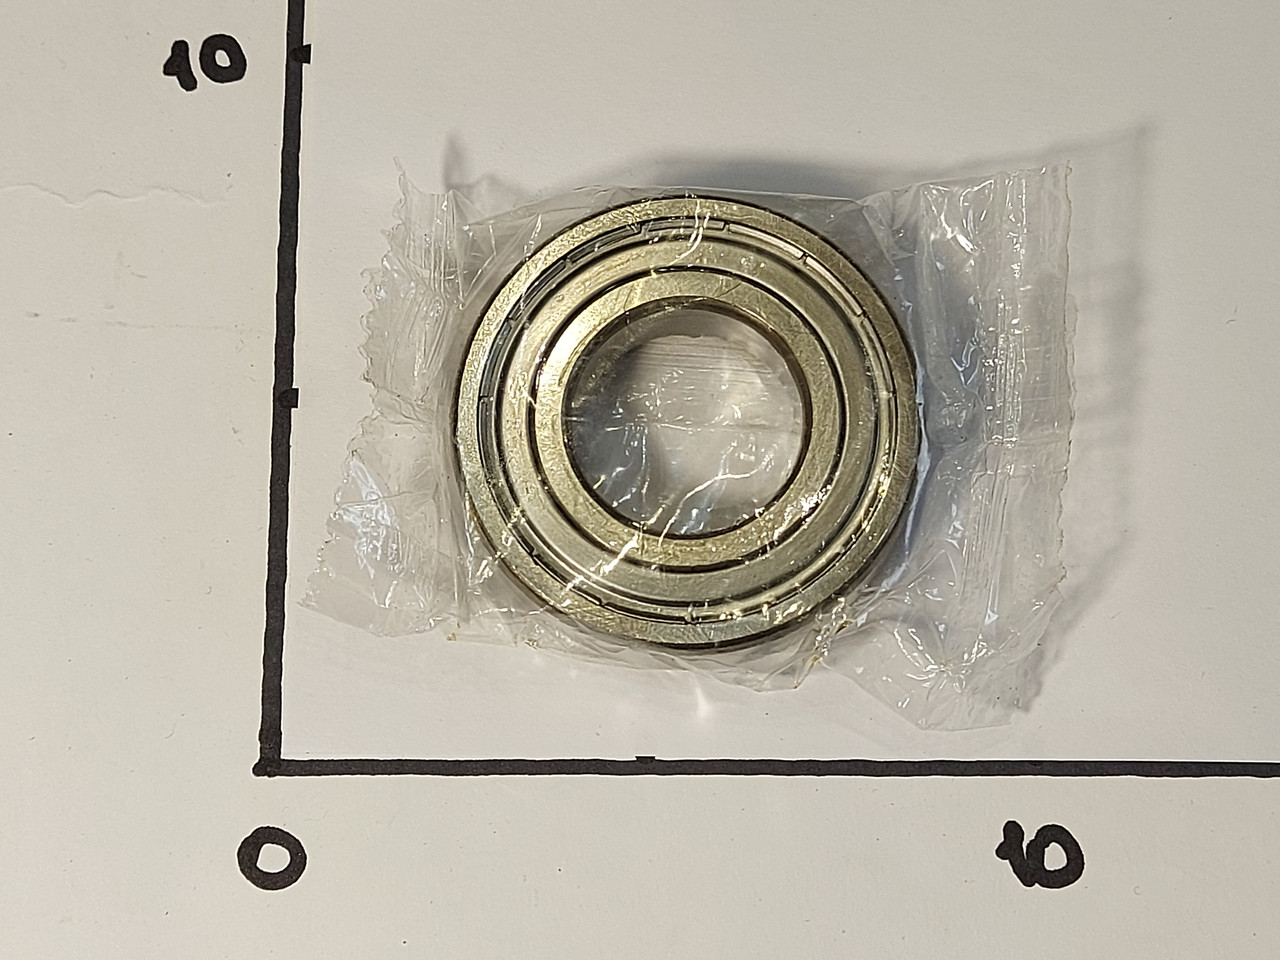 Подшипник Ø62 SKF 6206 для стиральной машины Indesit (Болгария)